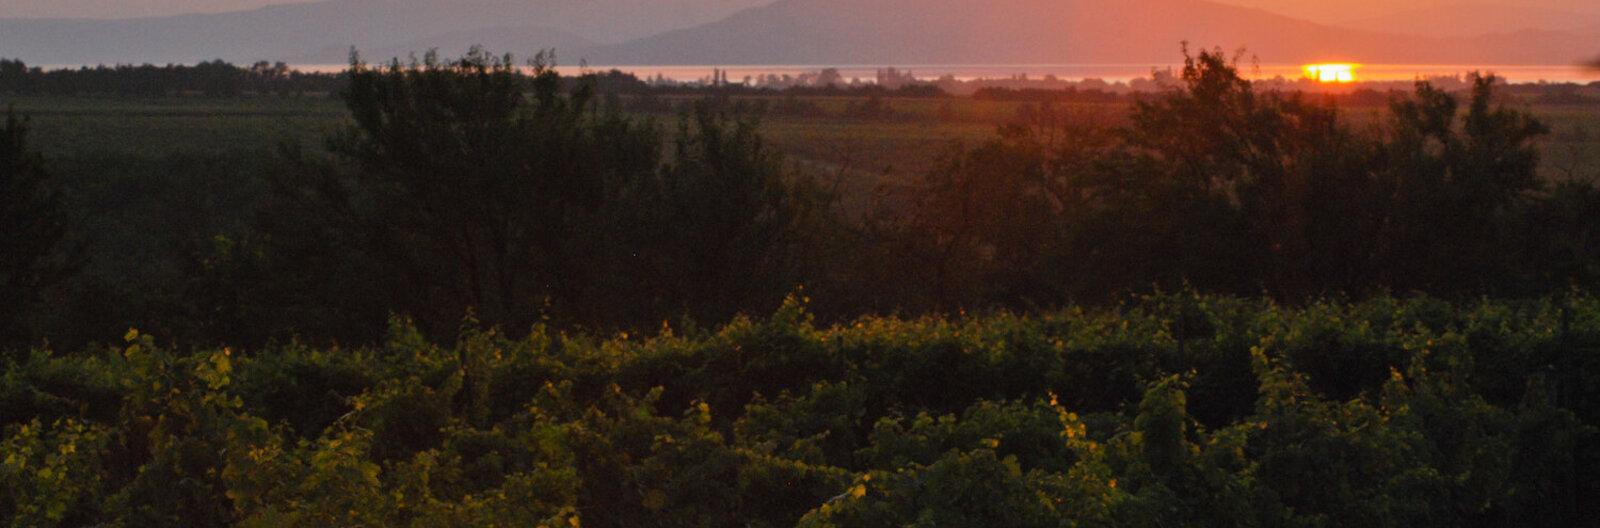 Nyolc hely, ahonnan látni kell a Balatont